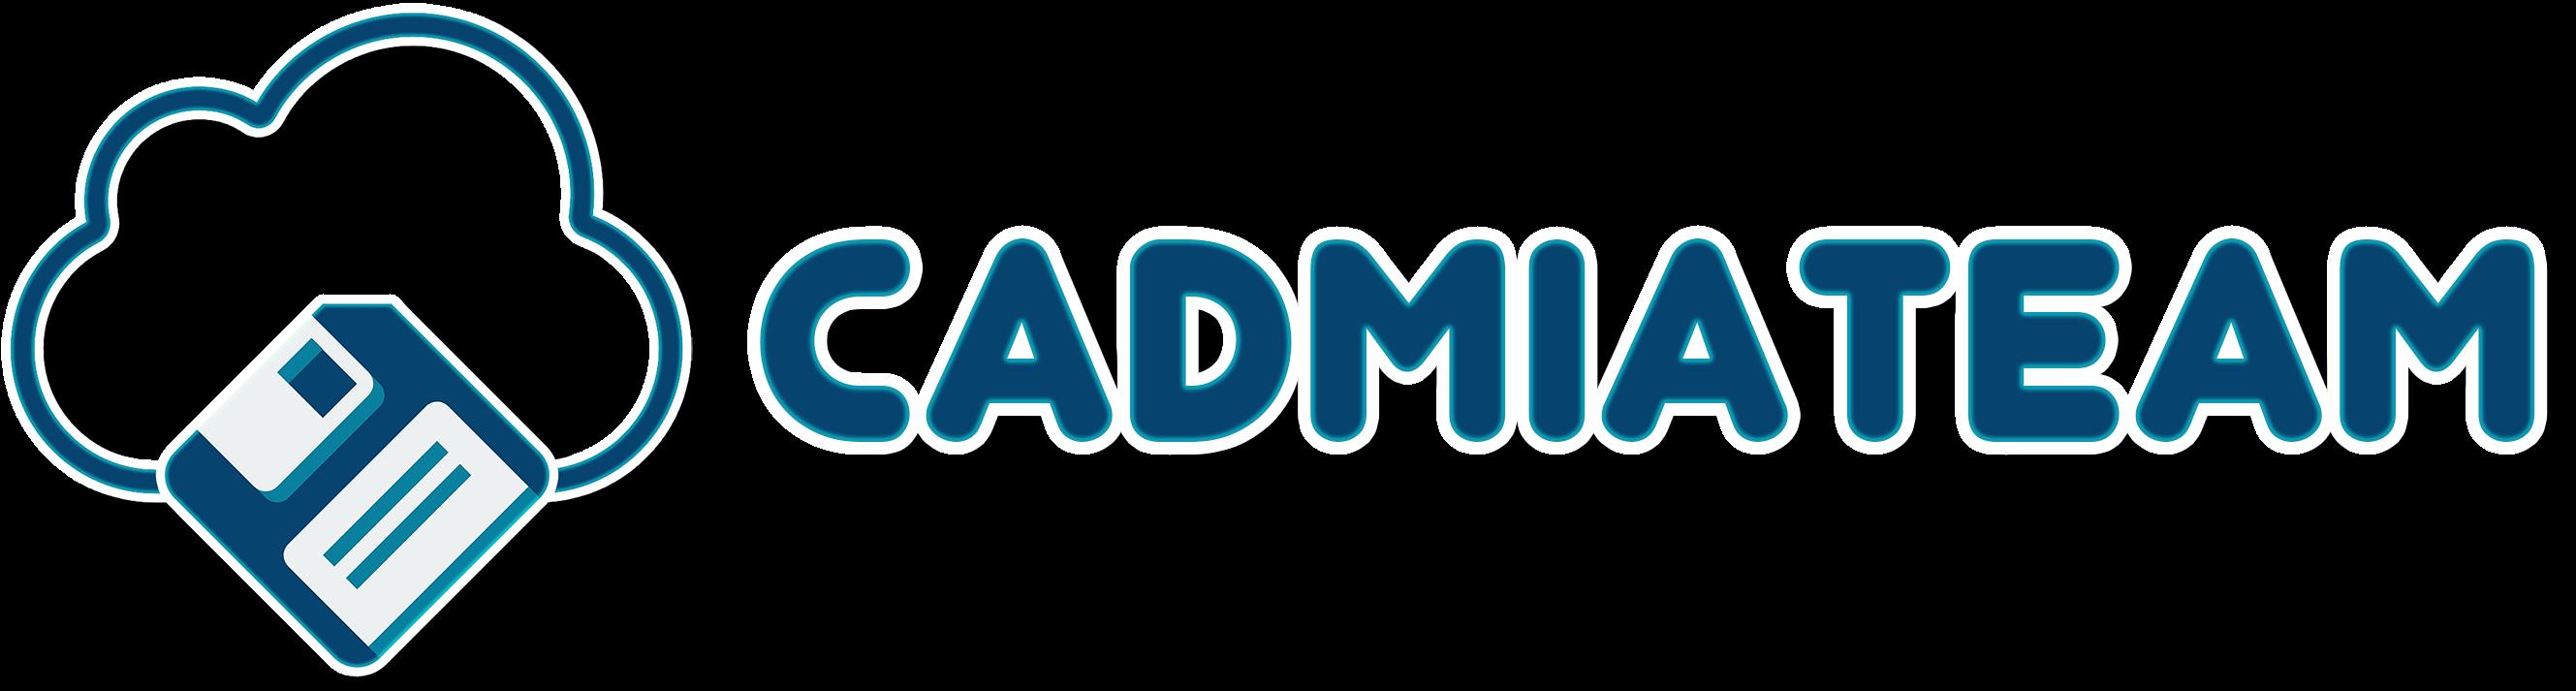 CadmiaTeam Hostings